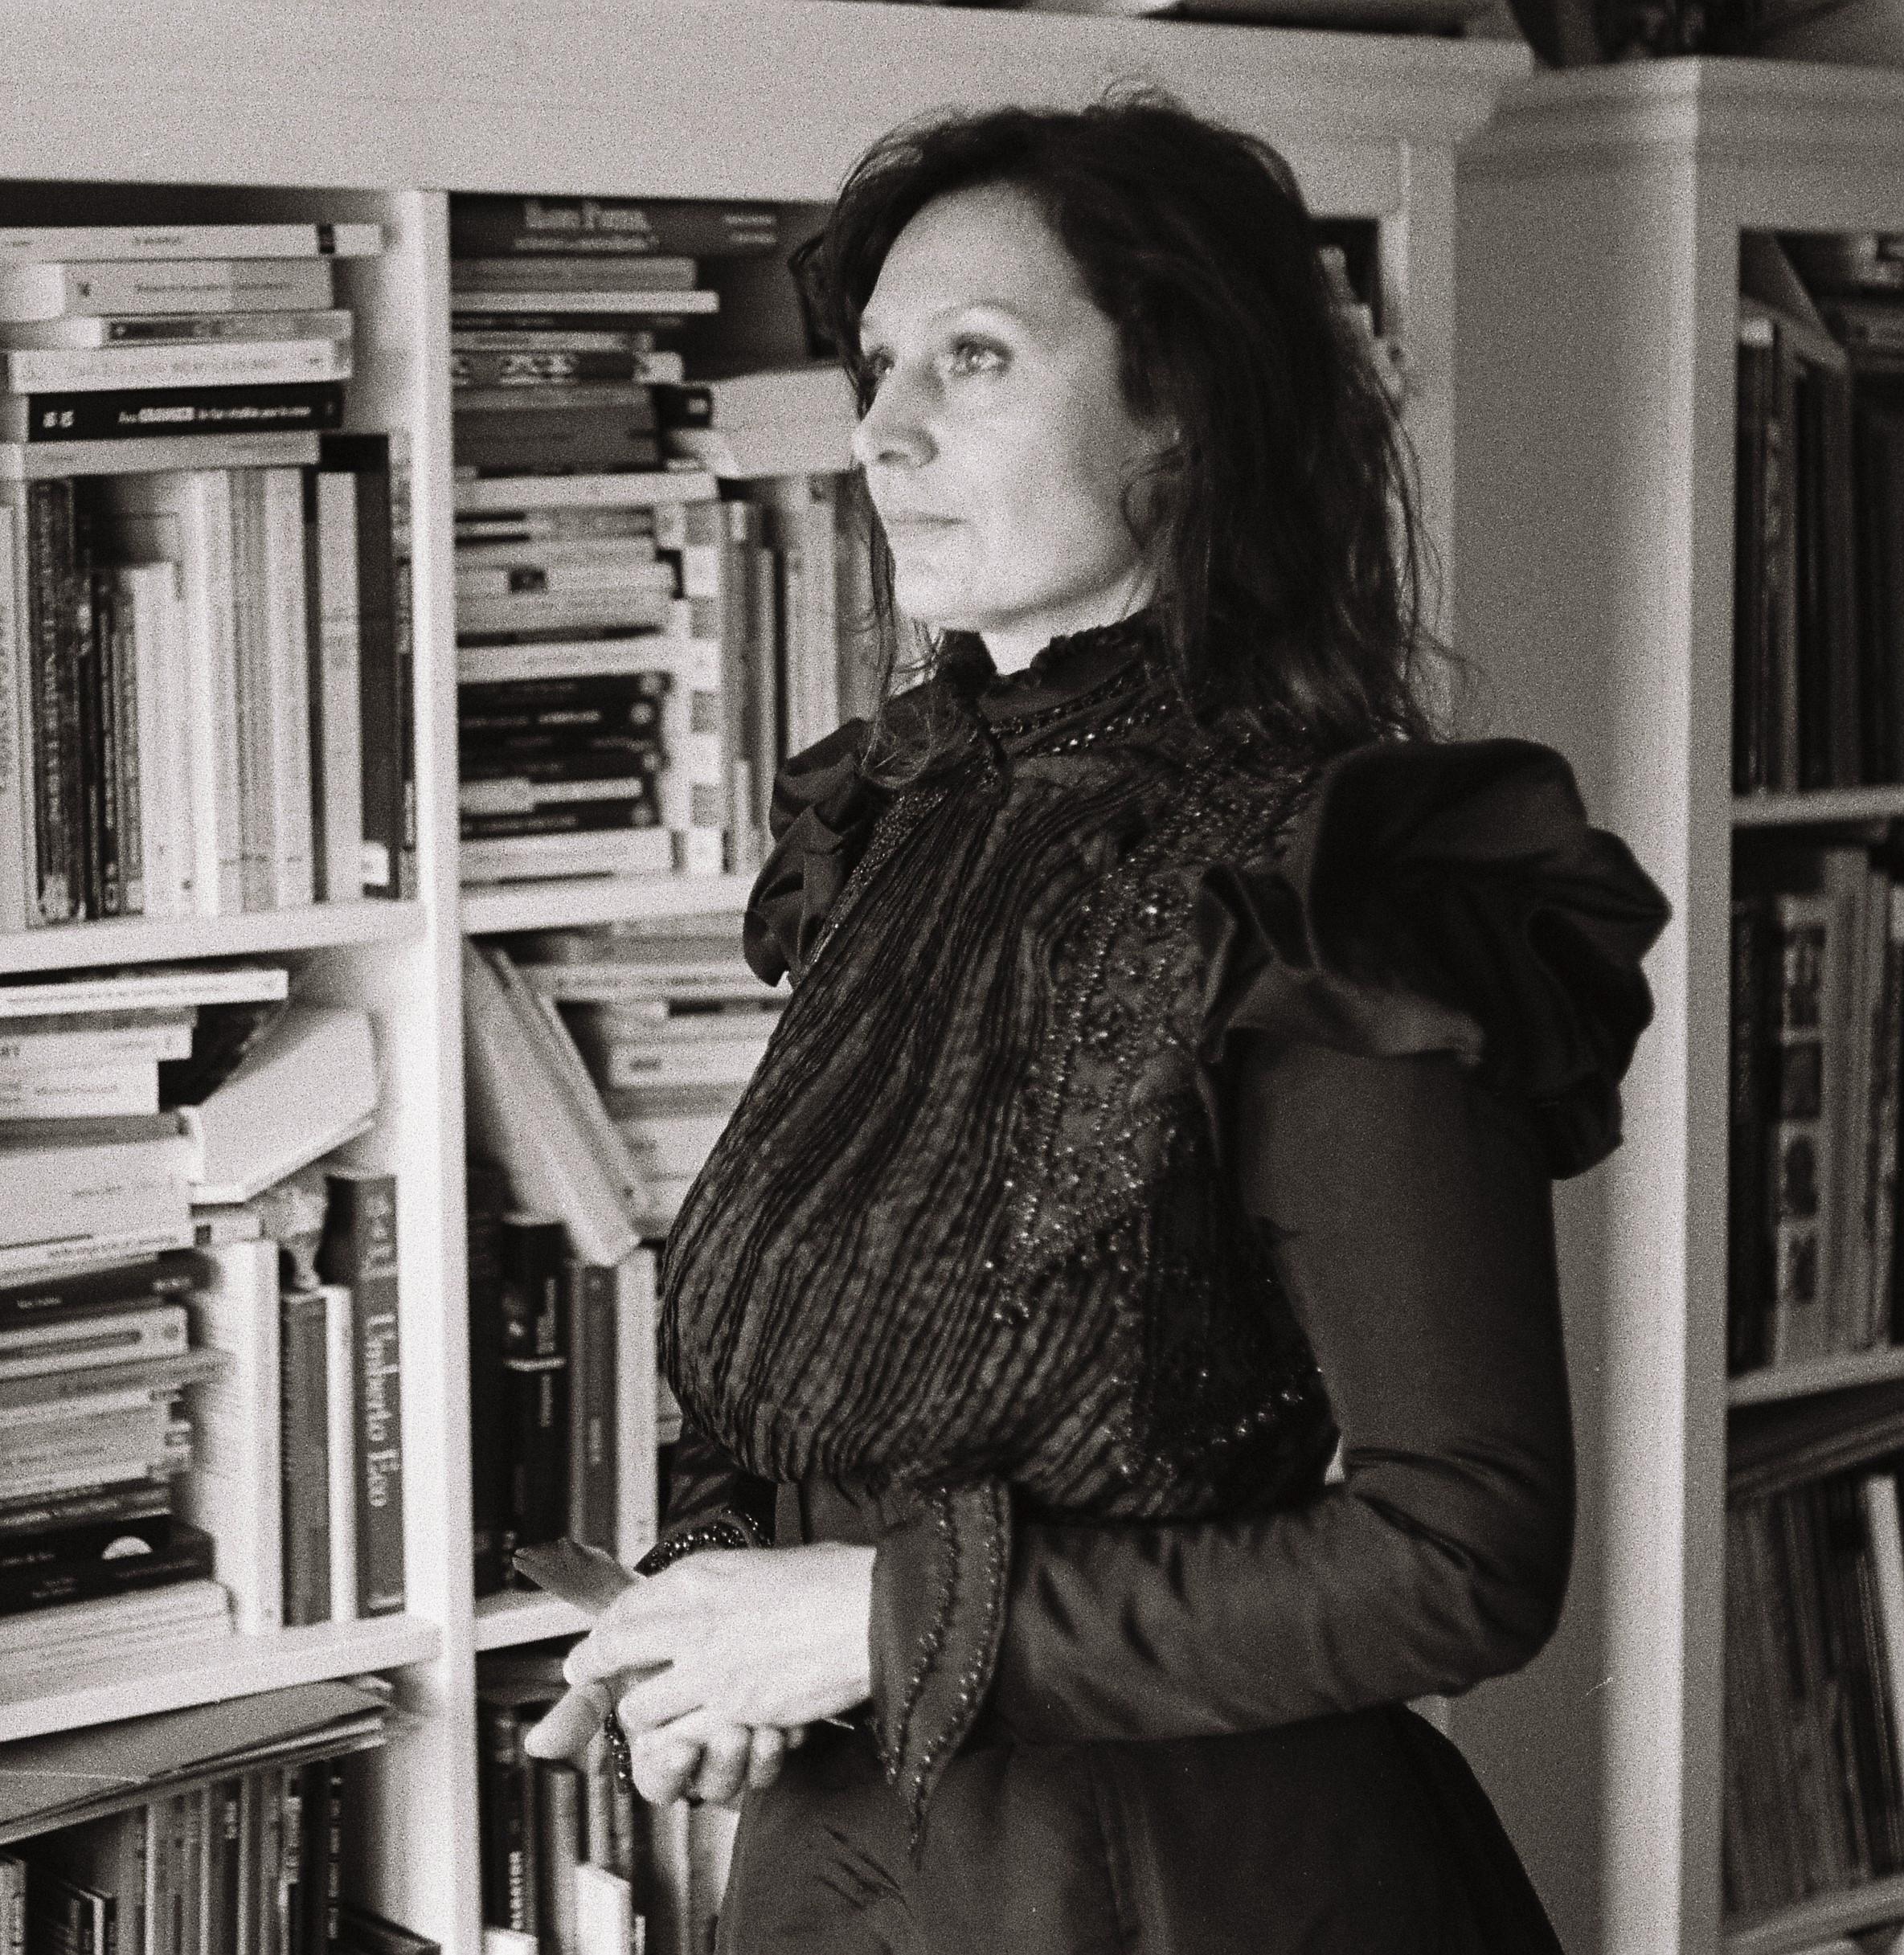 Séance portrait 35mm